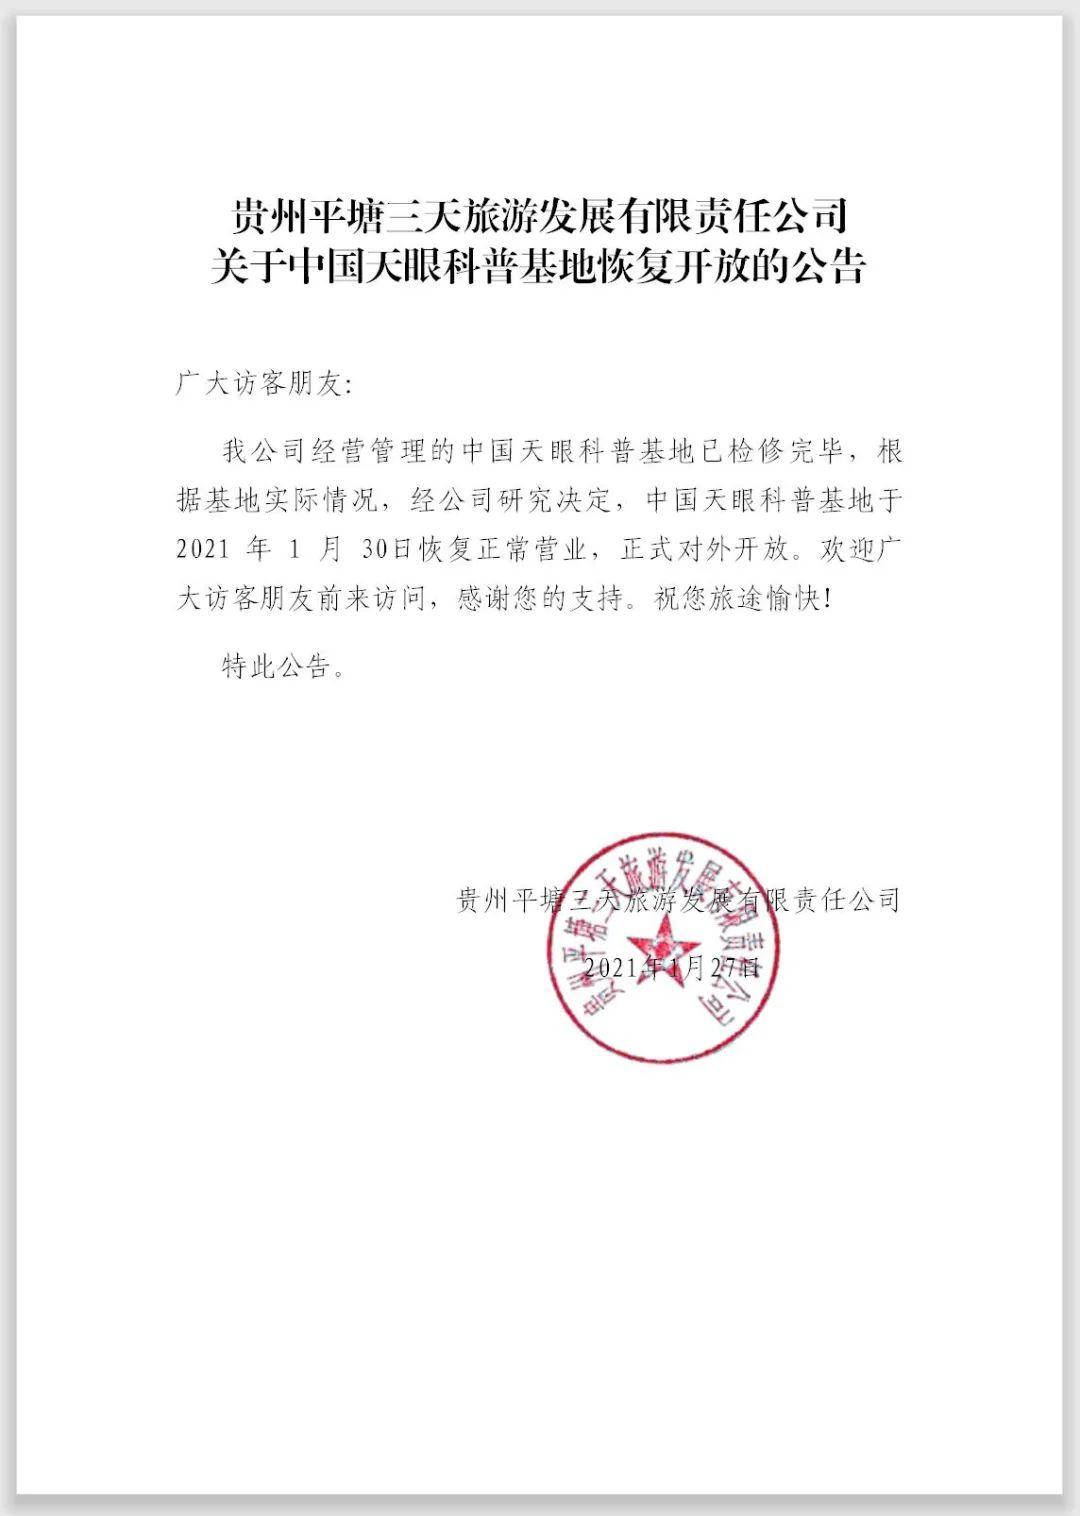 中国天眼科普基地恢复开放公告